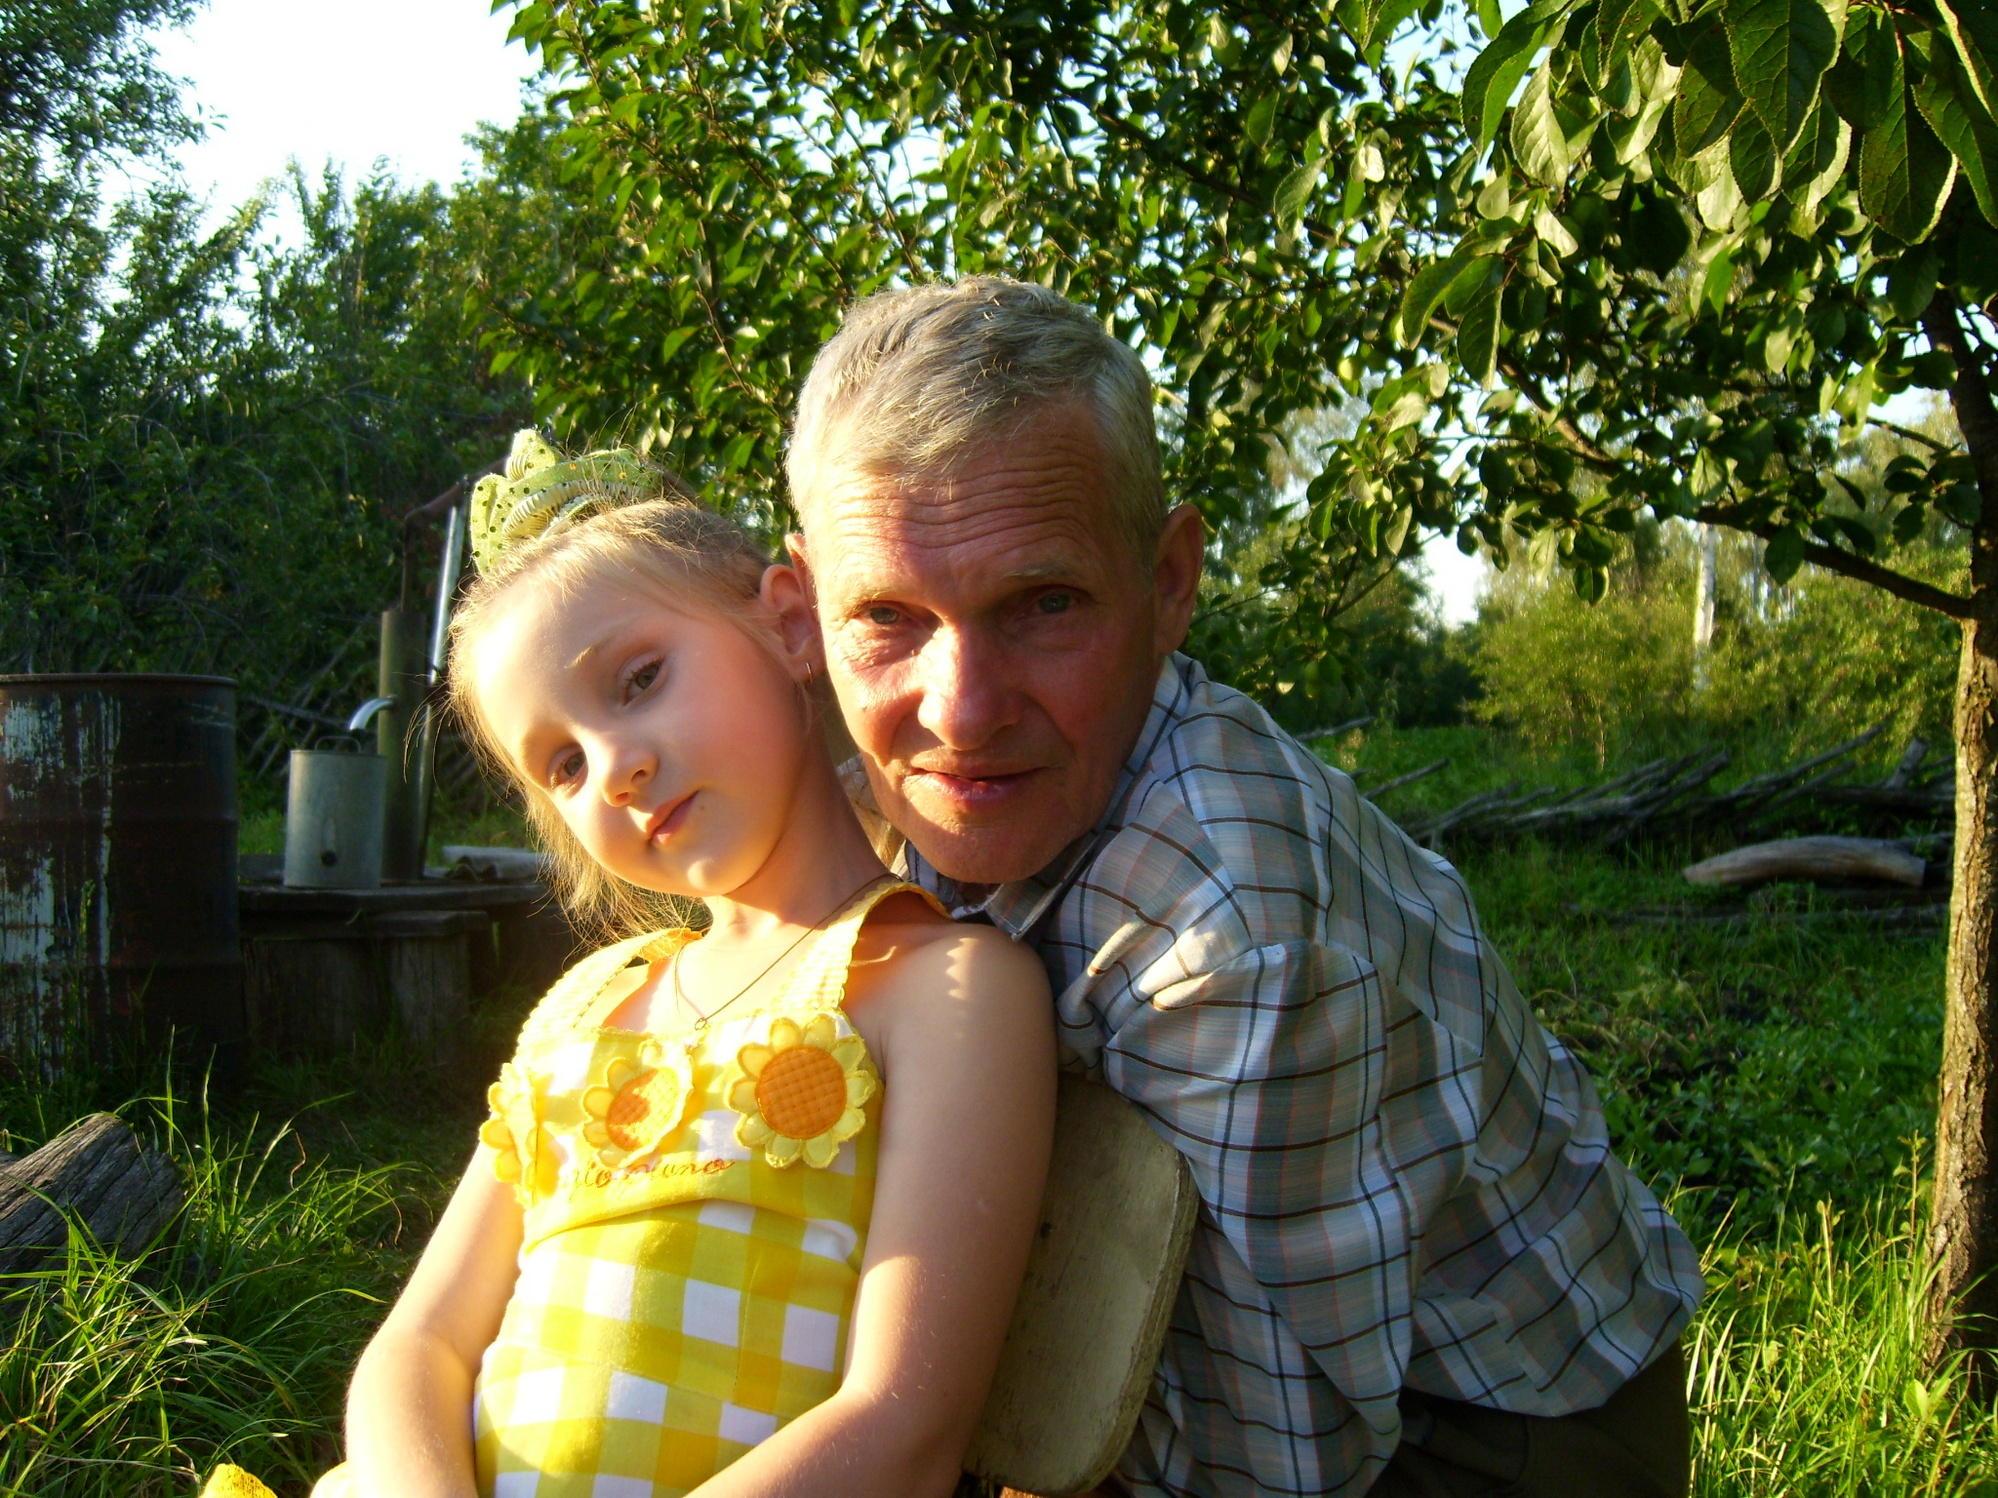 Рассказ для взрослых с дедушкой 6 фотография